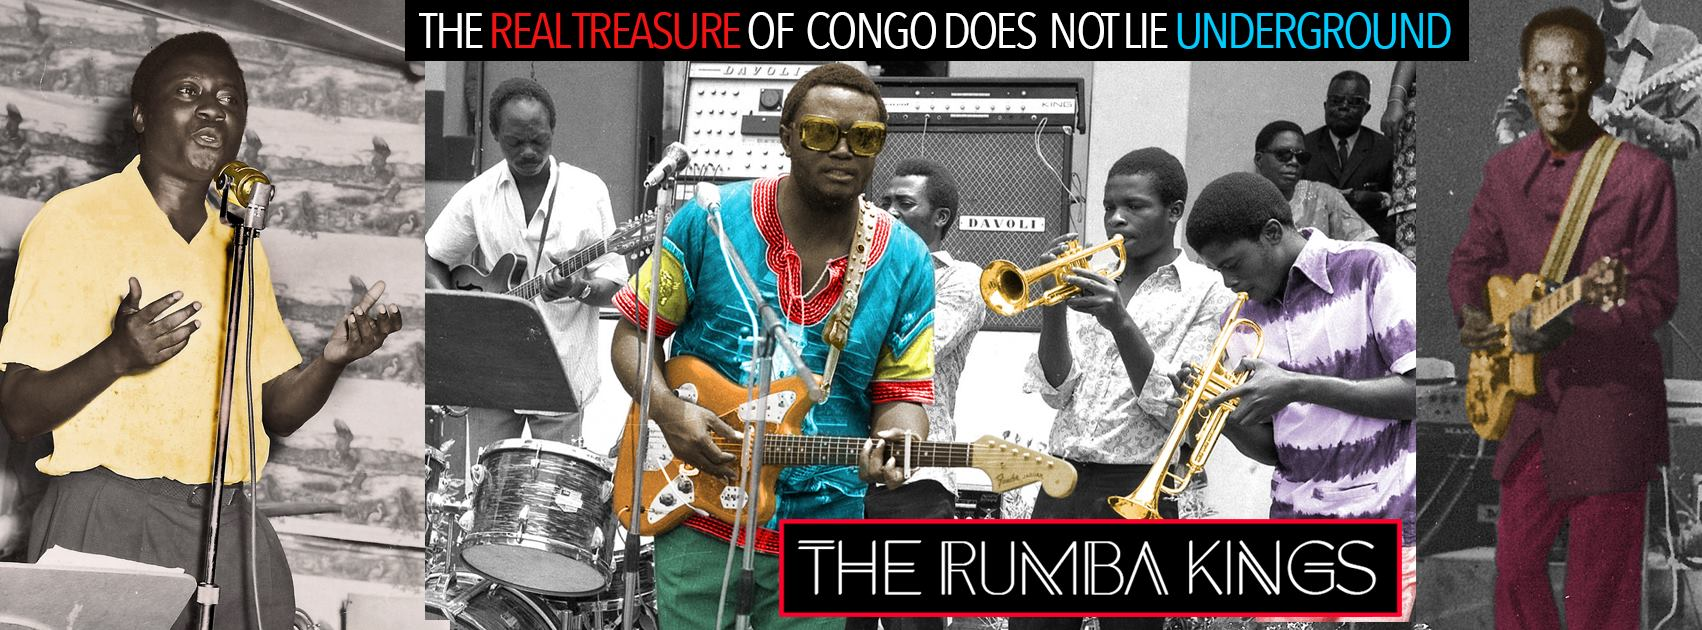 Le documentaire «The Rumba Kings» retrace l'histoire de la rumba congolaise